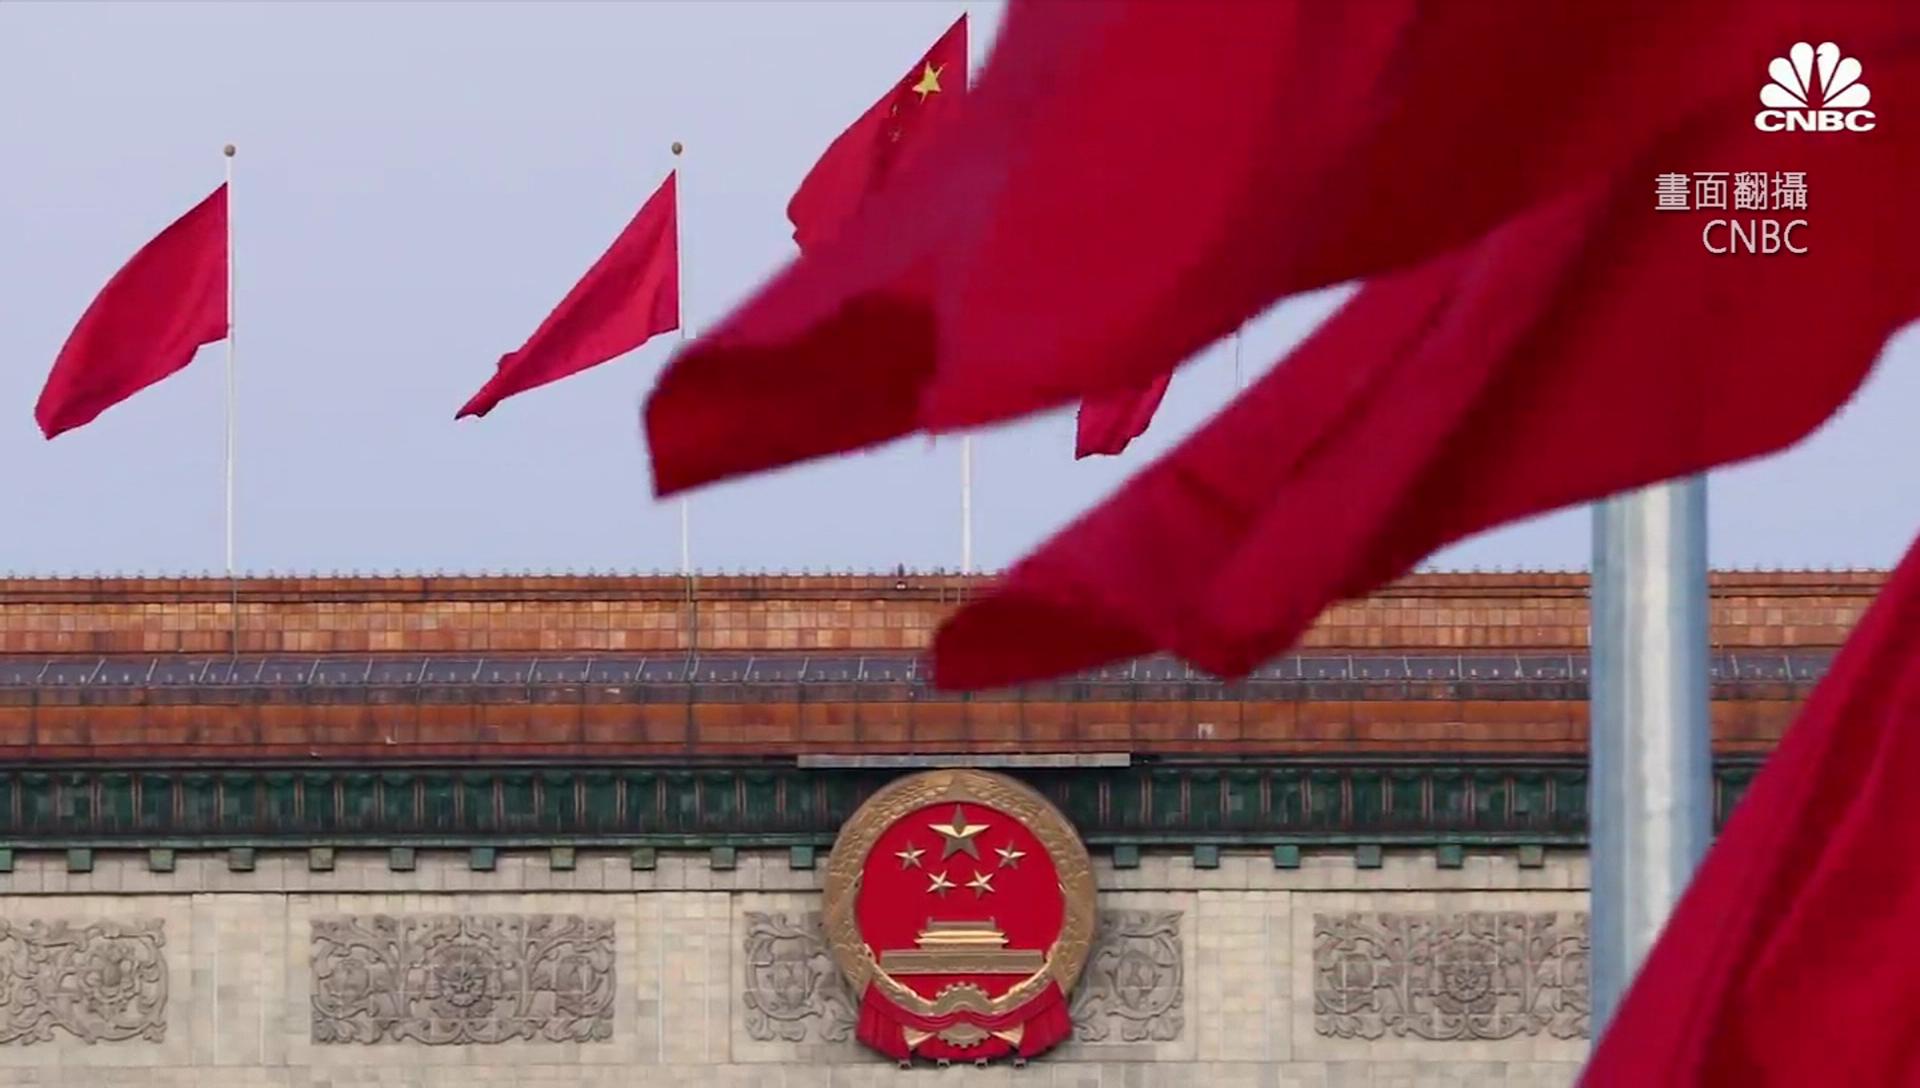 態度放軟!? 中國遊說澳洲求支持加入CPTPP